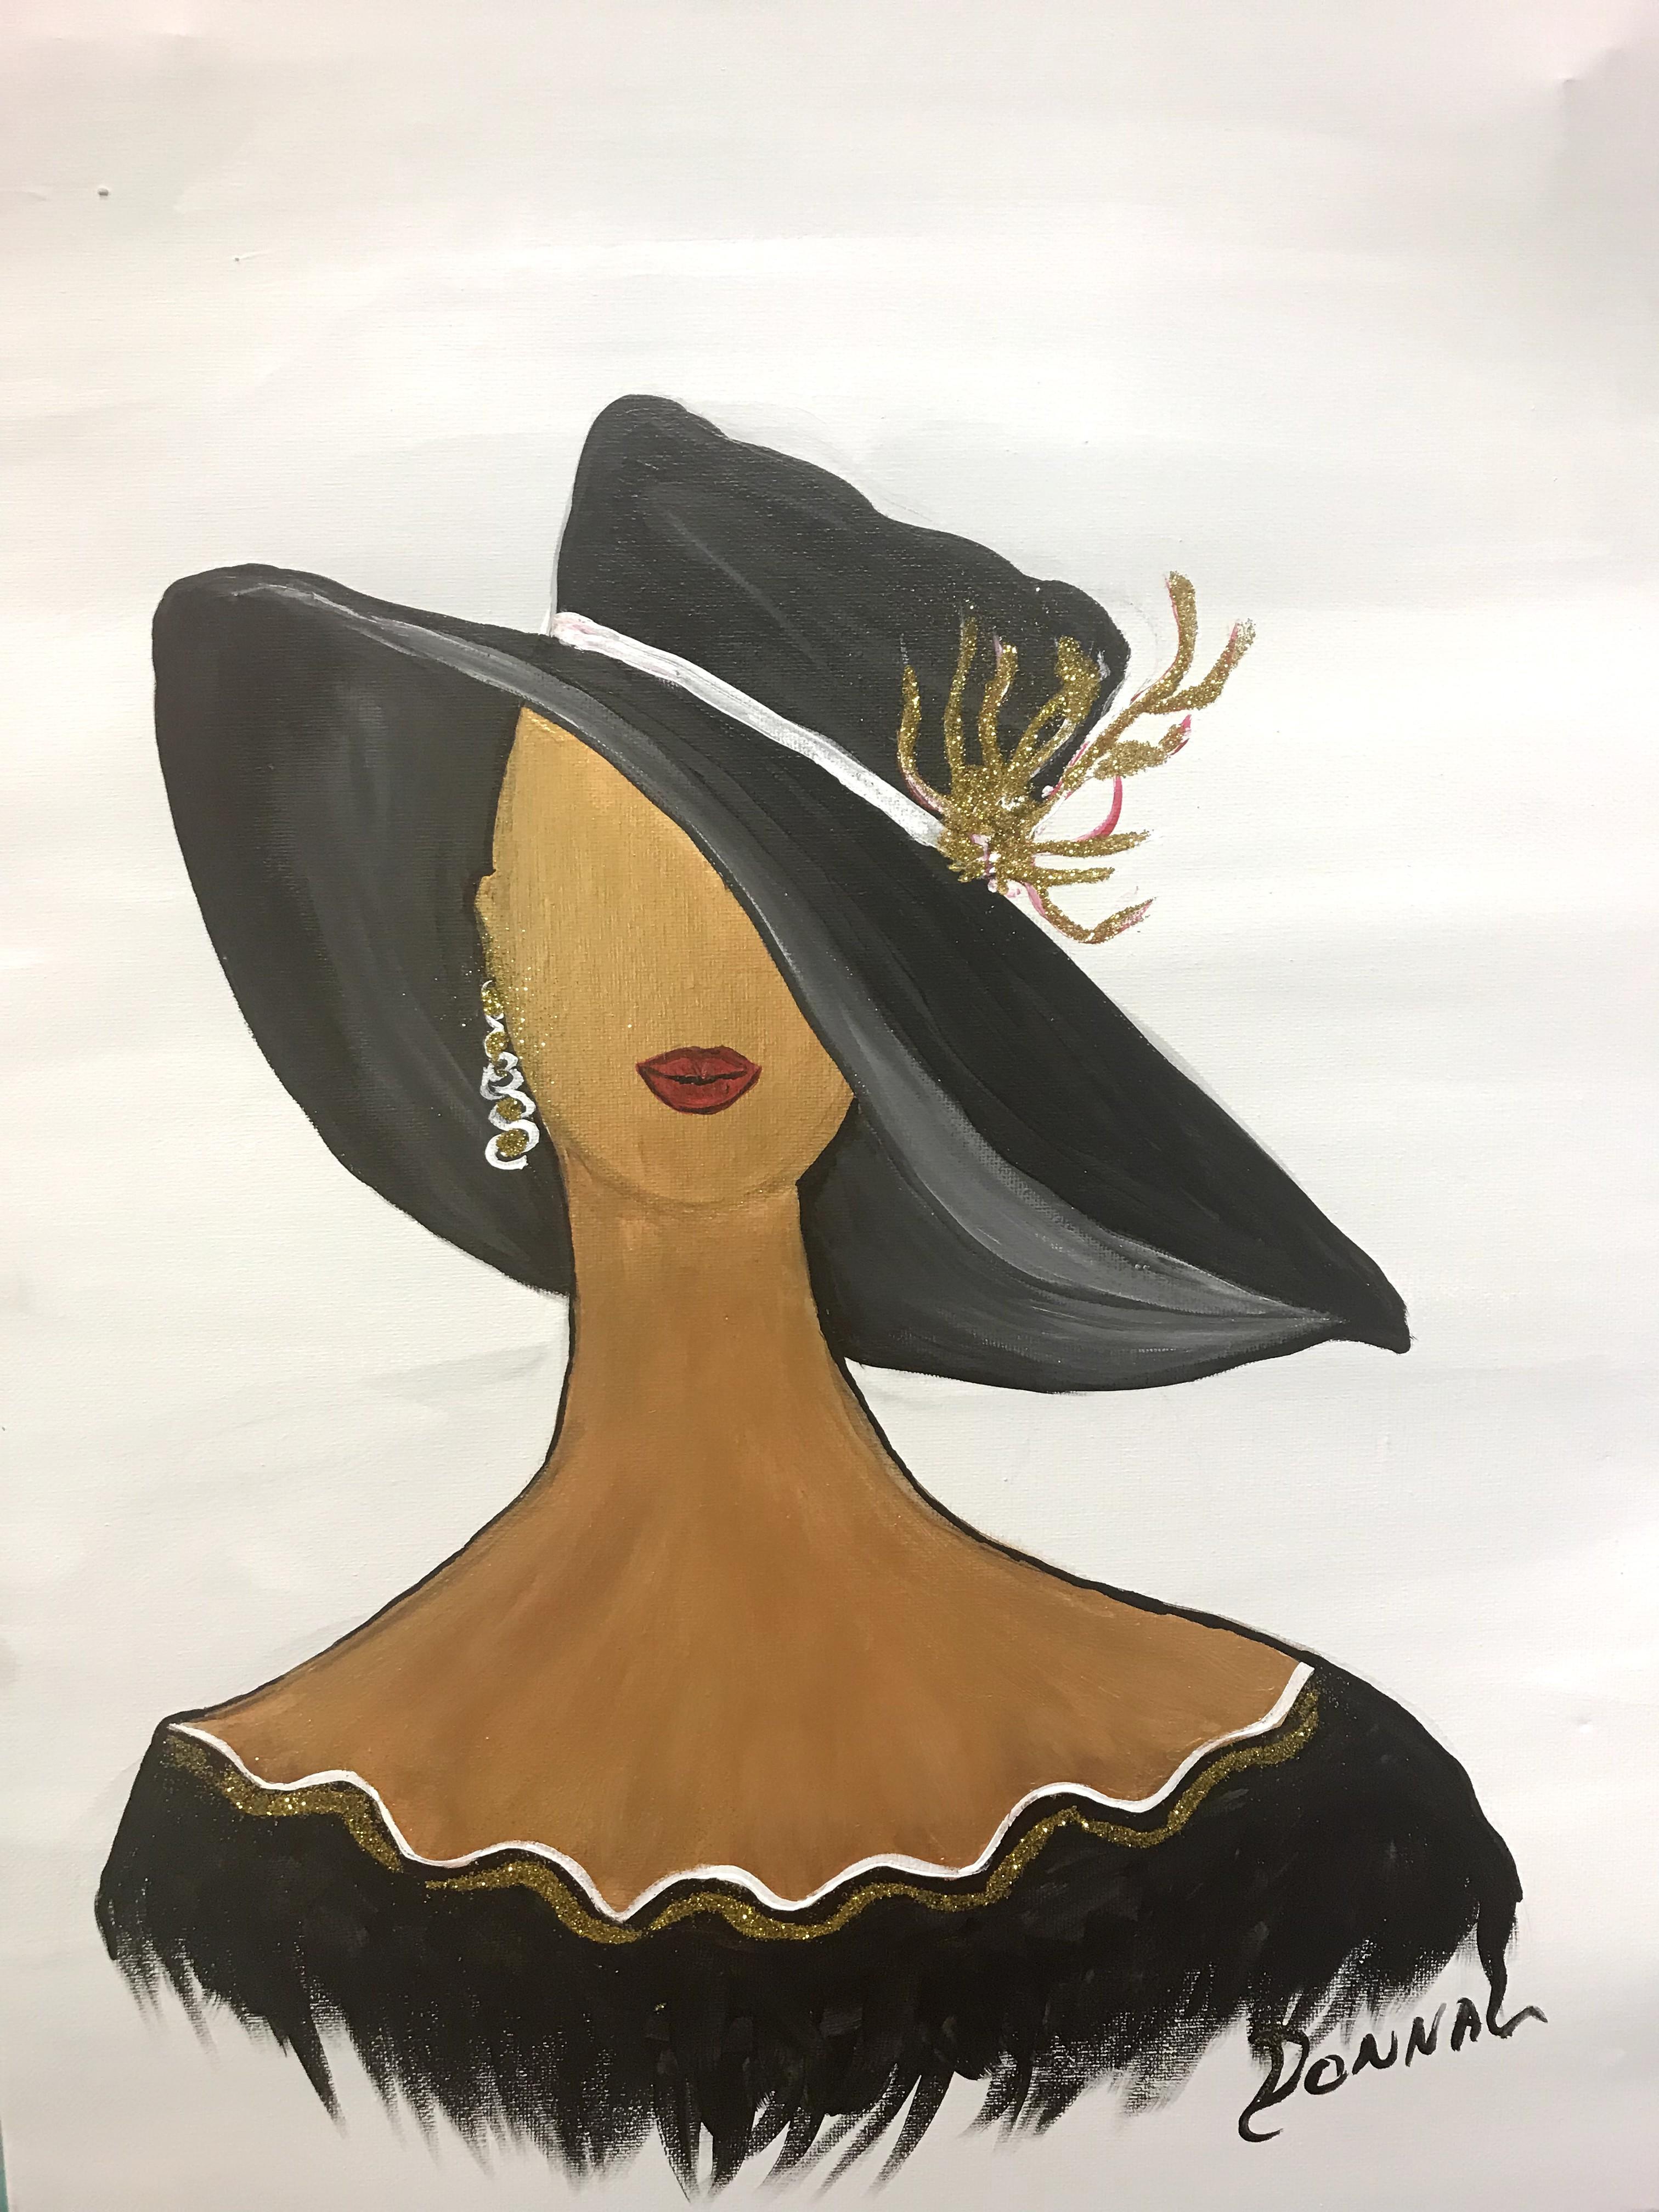 Women in Hats #6A